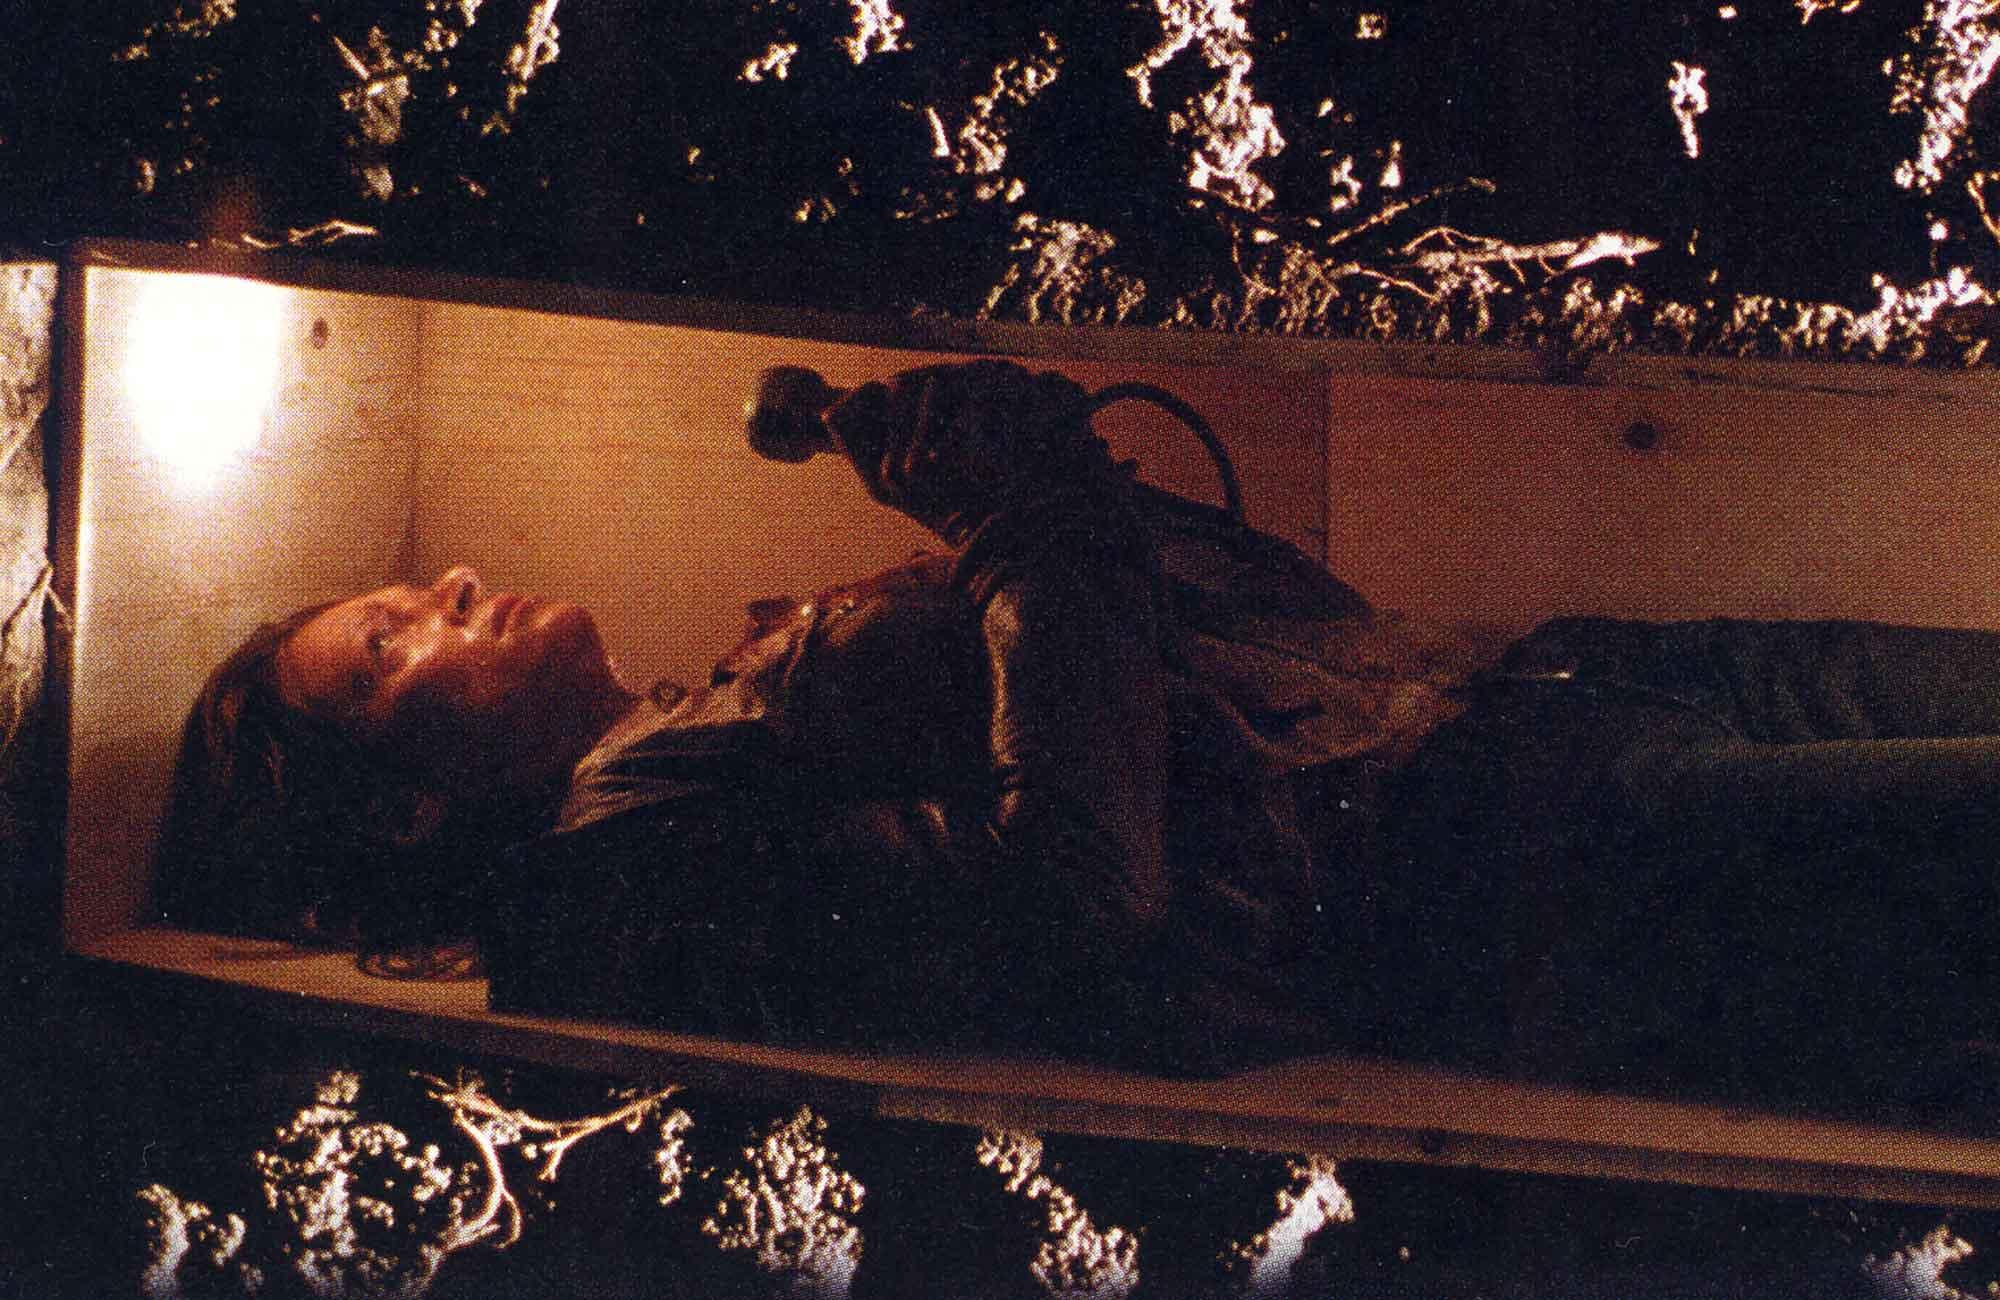 Fangoria '04: Kill Bill Volume 2